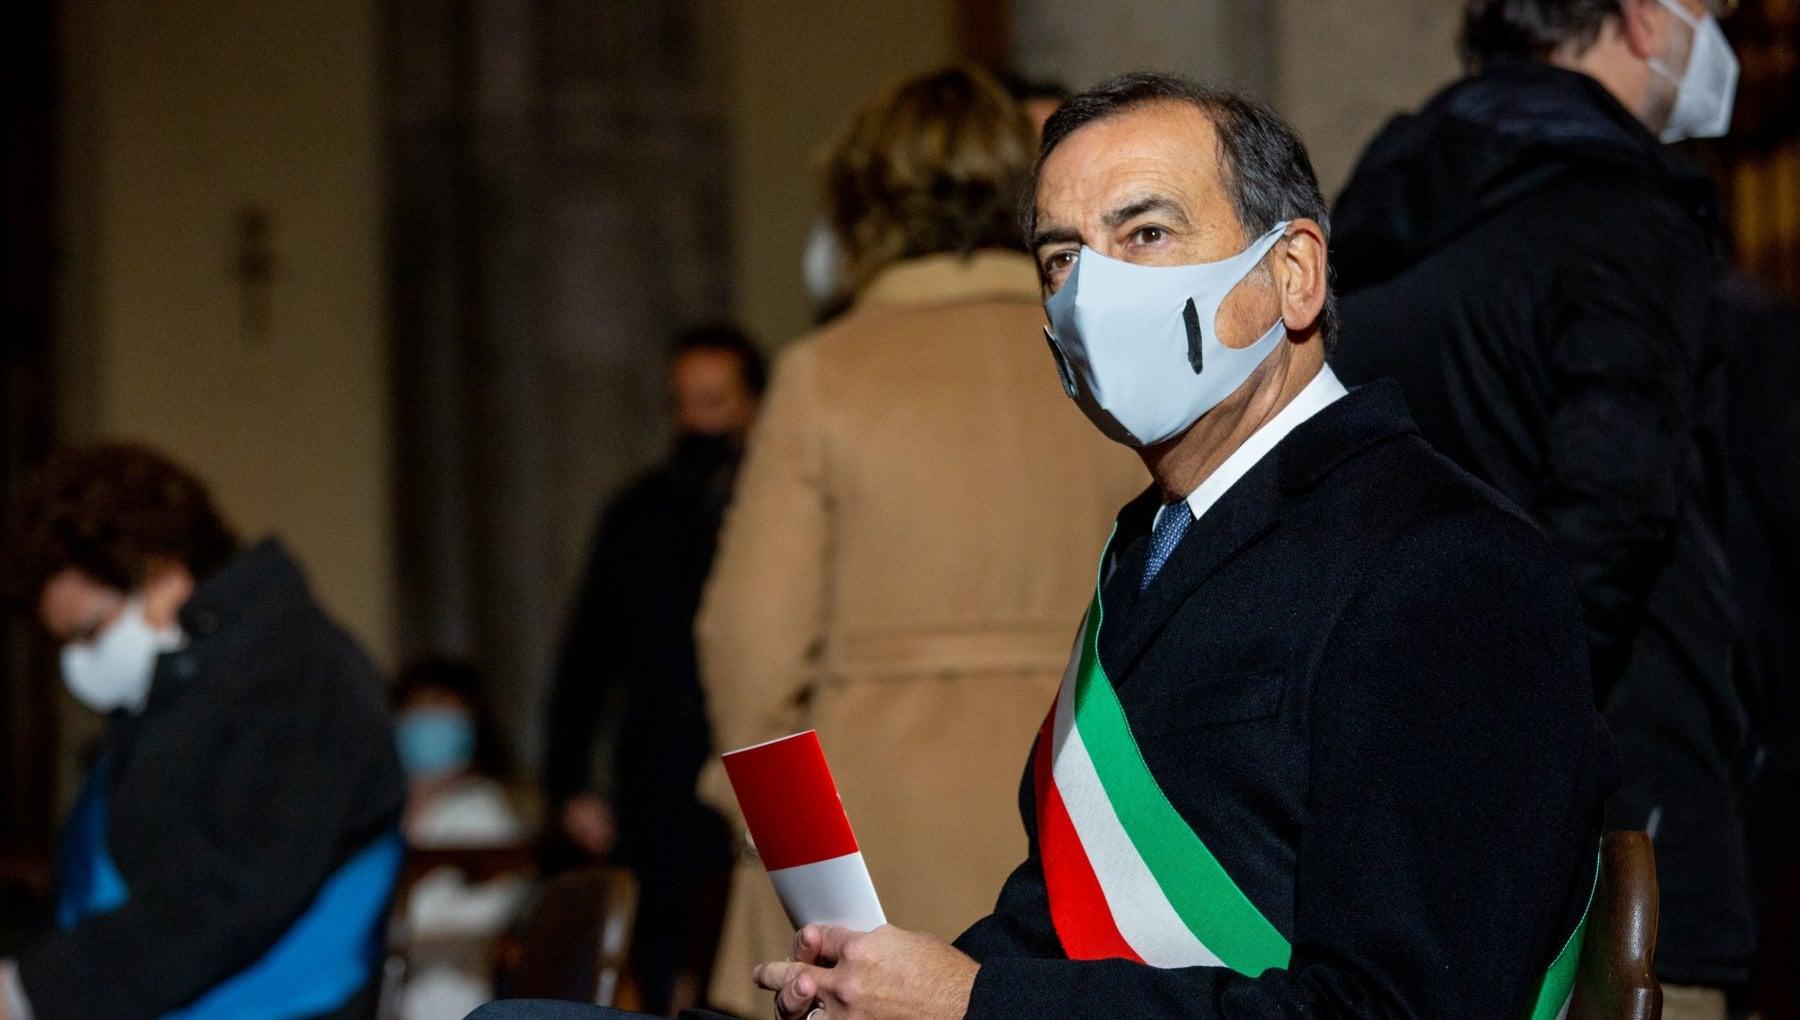 Beppe Sala Mi ricandido a sindaco di Milano ora sento che posso farlo. Lannuncio in un video su Instagram